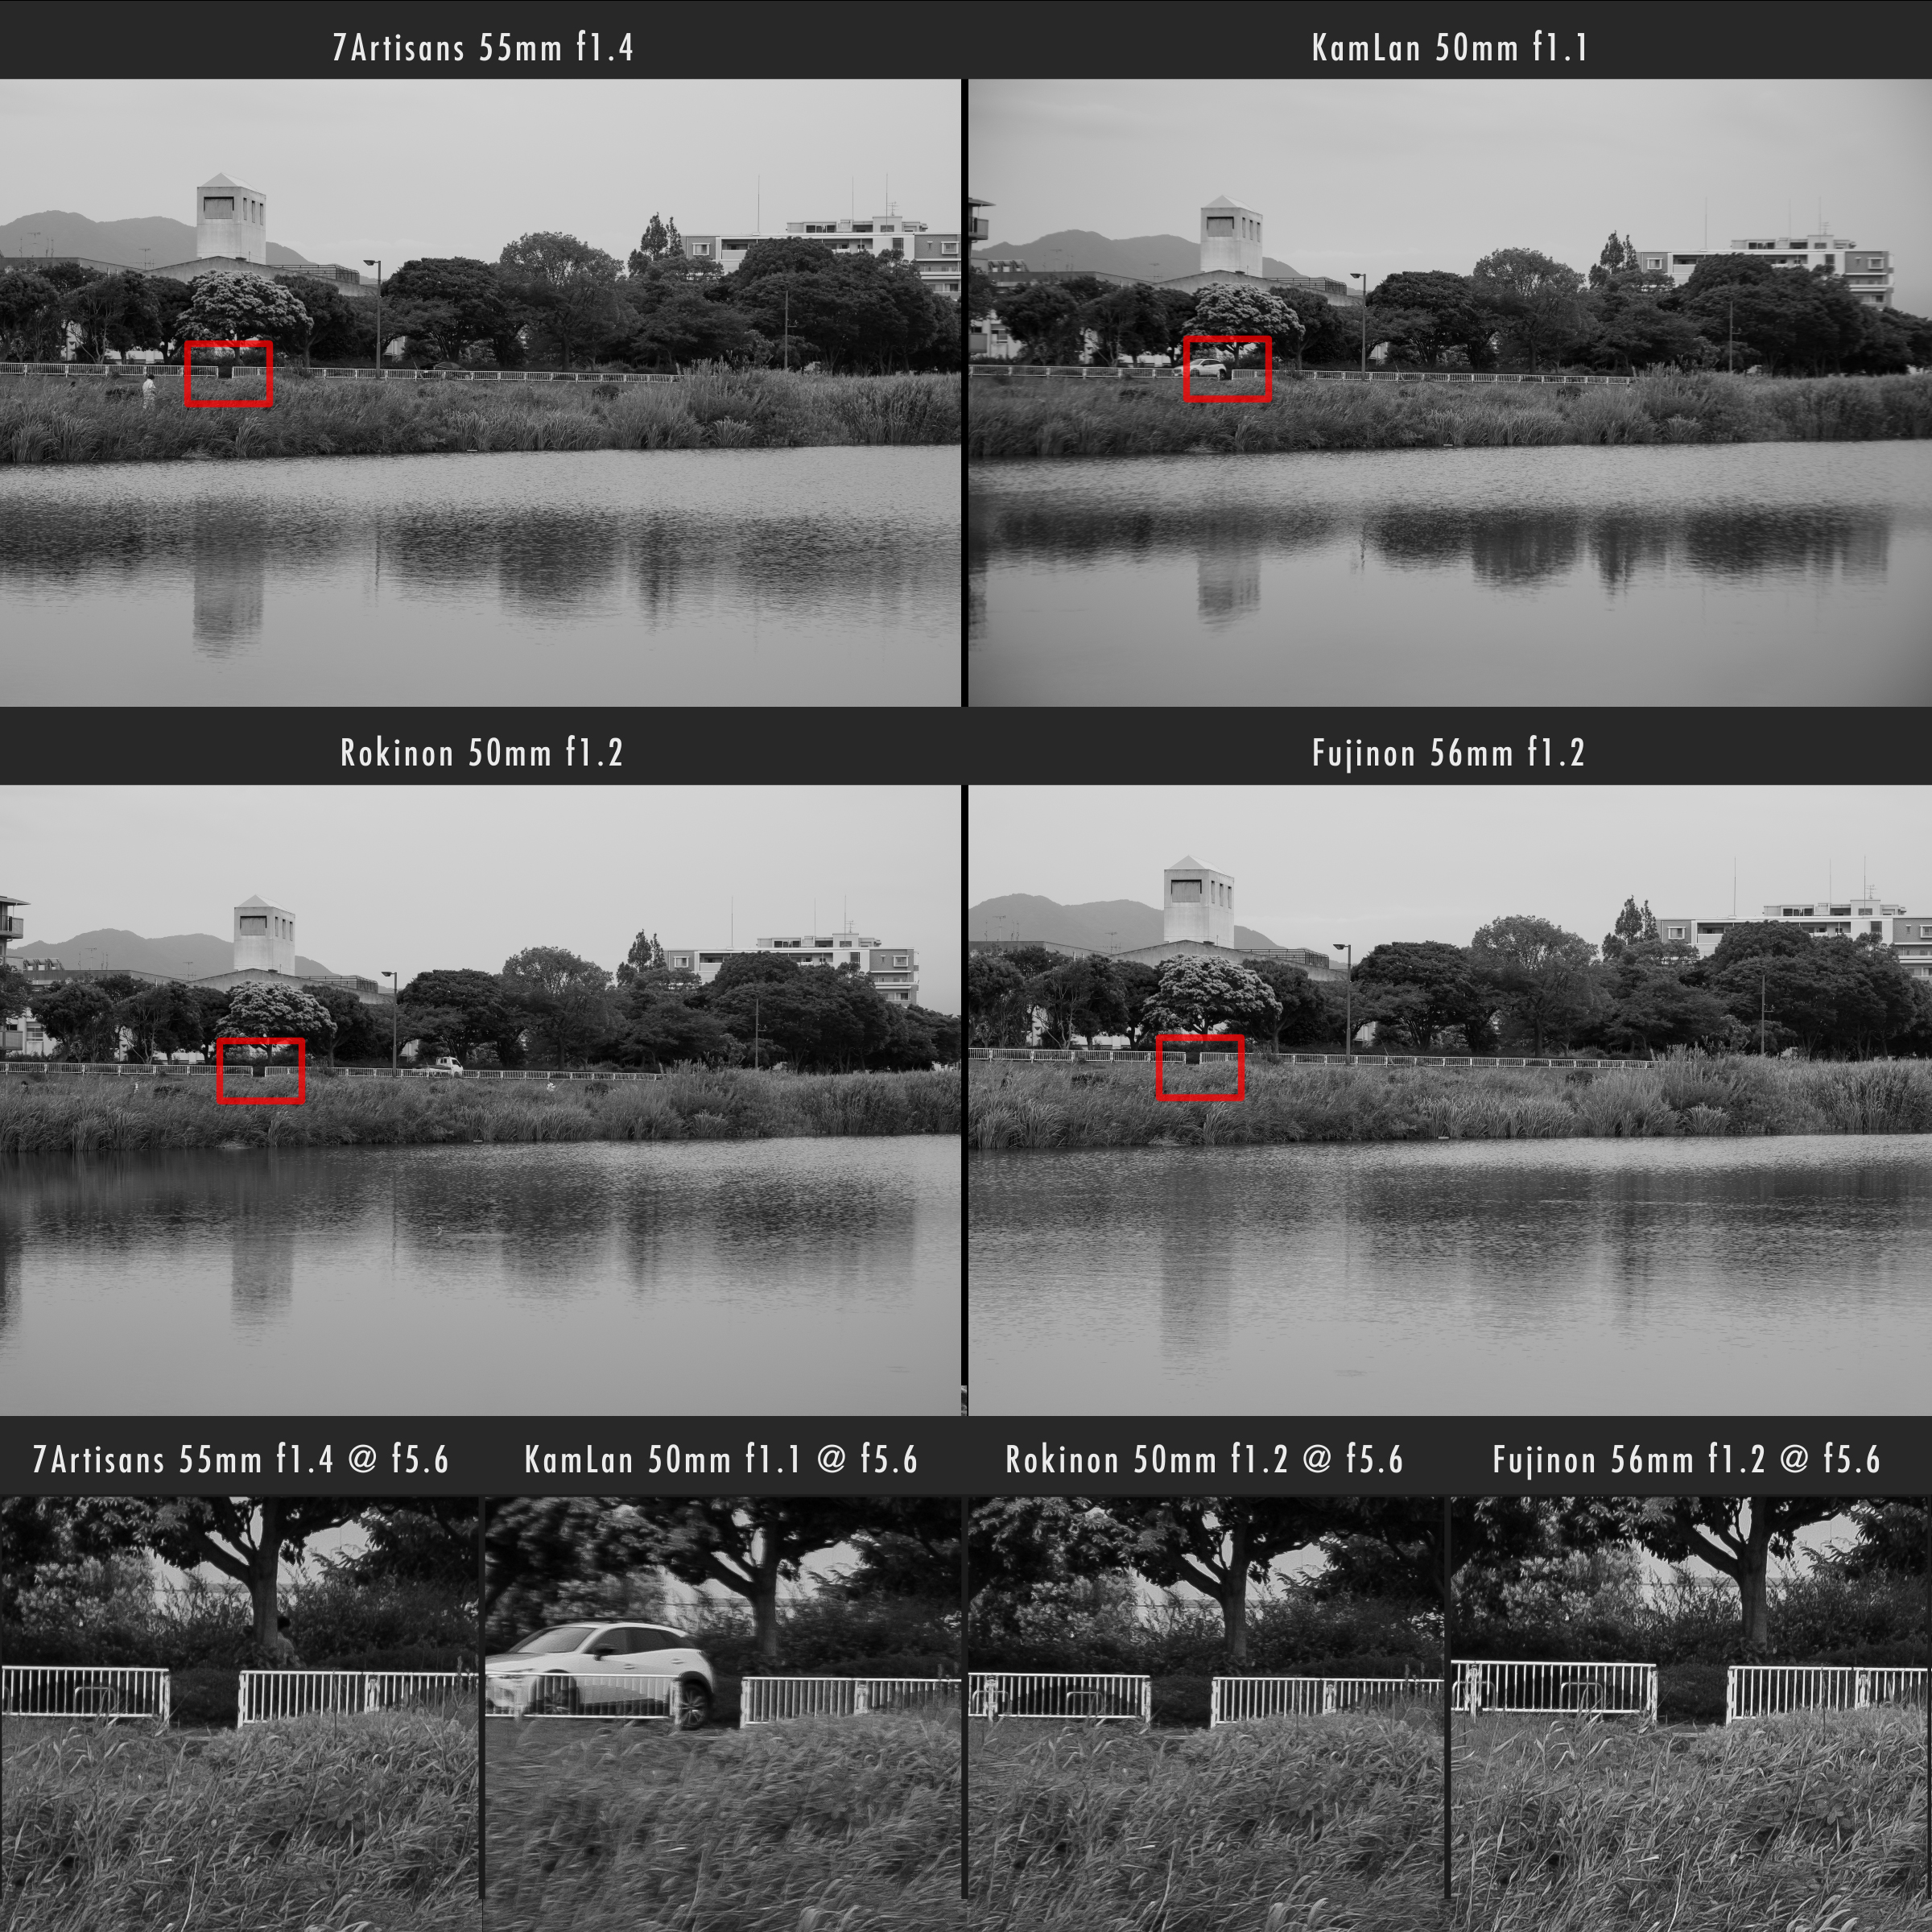 Kamlan 50mm f1.1 vs 7Artisans 55mm f1.4 vs Rokinon 50mm f1.2 Mid Sharpness Comparison f5.6